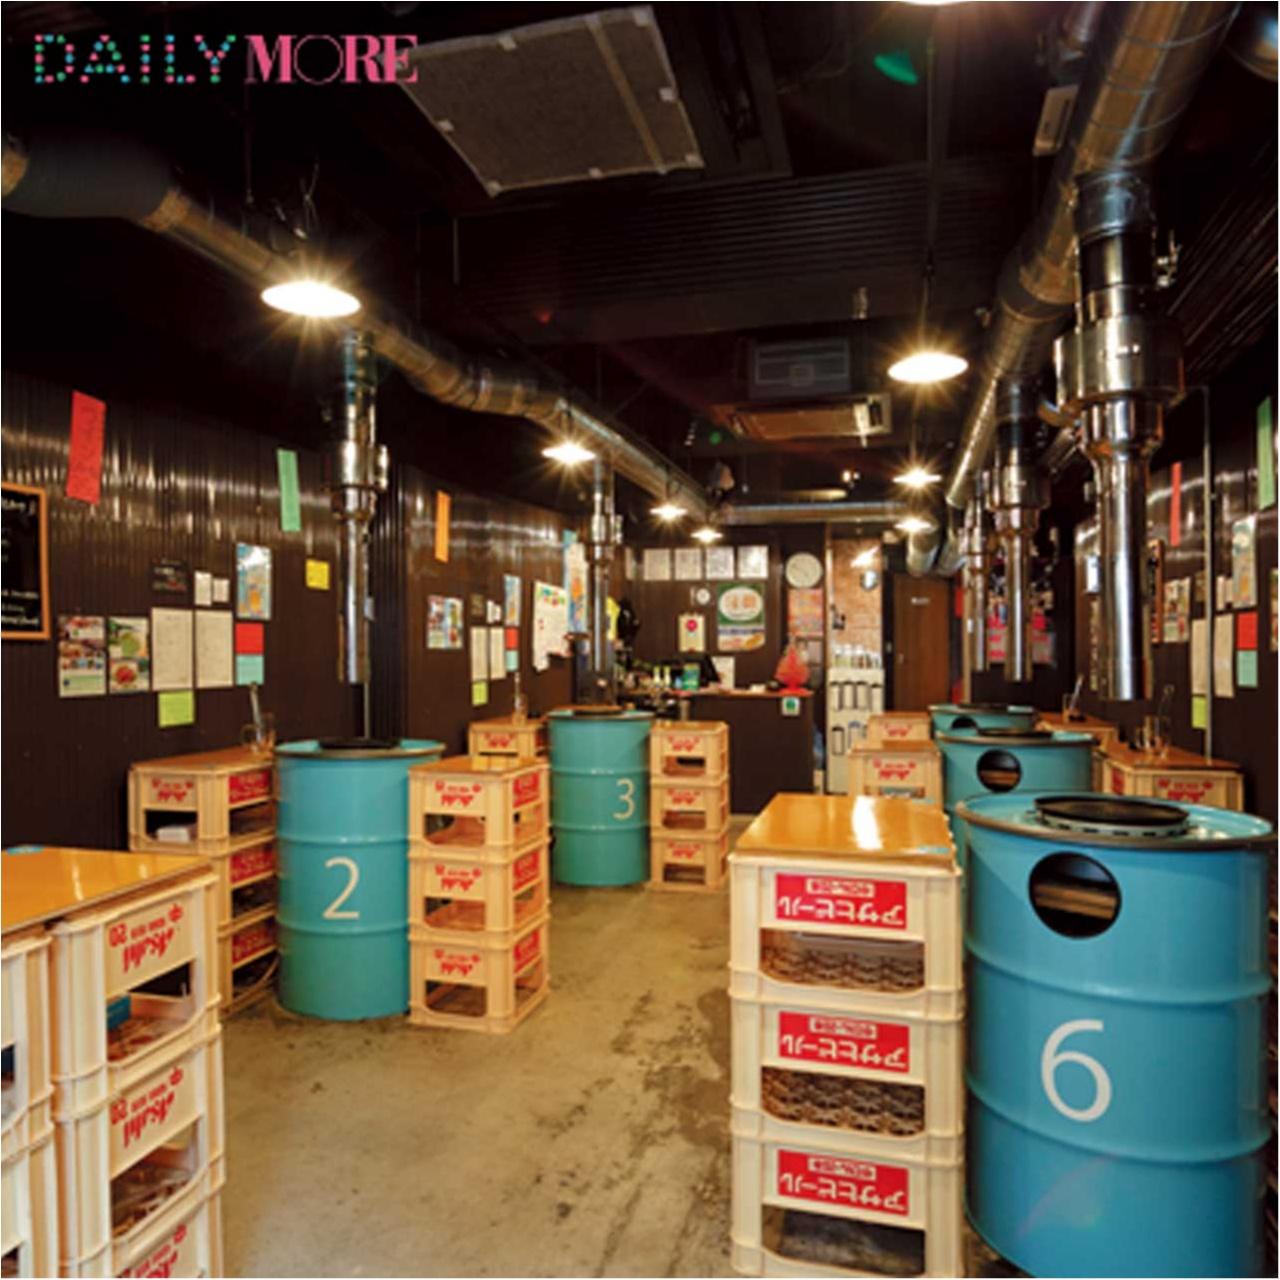 大阪のおすすめ焼肉店7選 - コスパの高い鶴橋の人気店や、芸能人御用達の老舗など_16